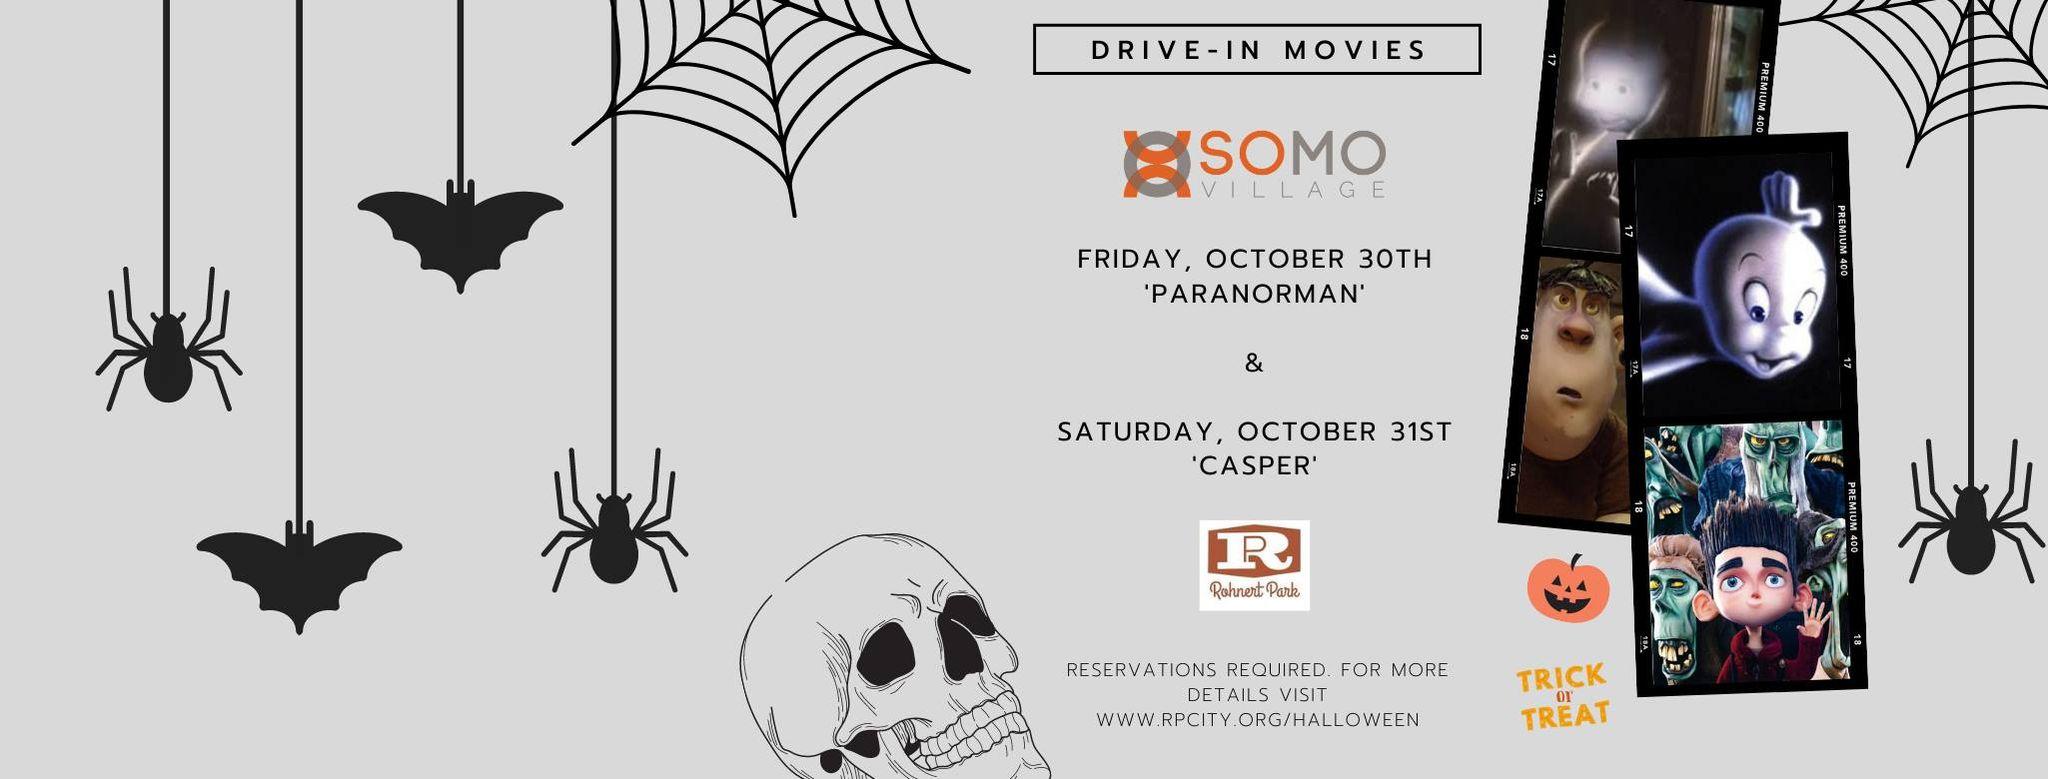 Halloween Weekend Drive In Movies